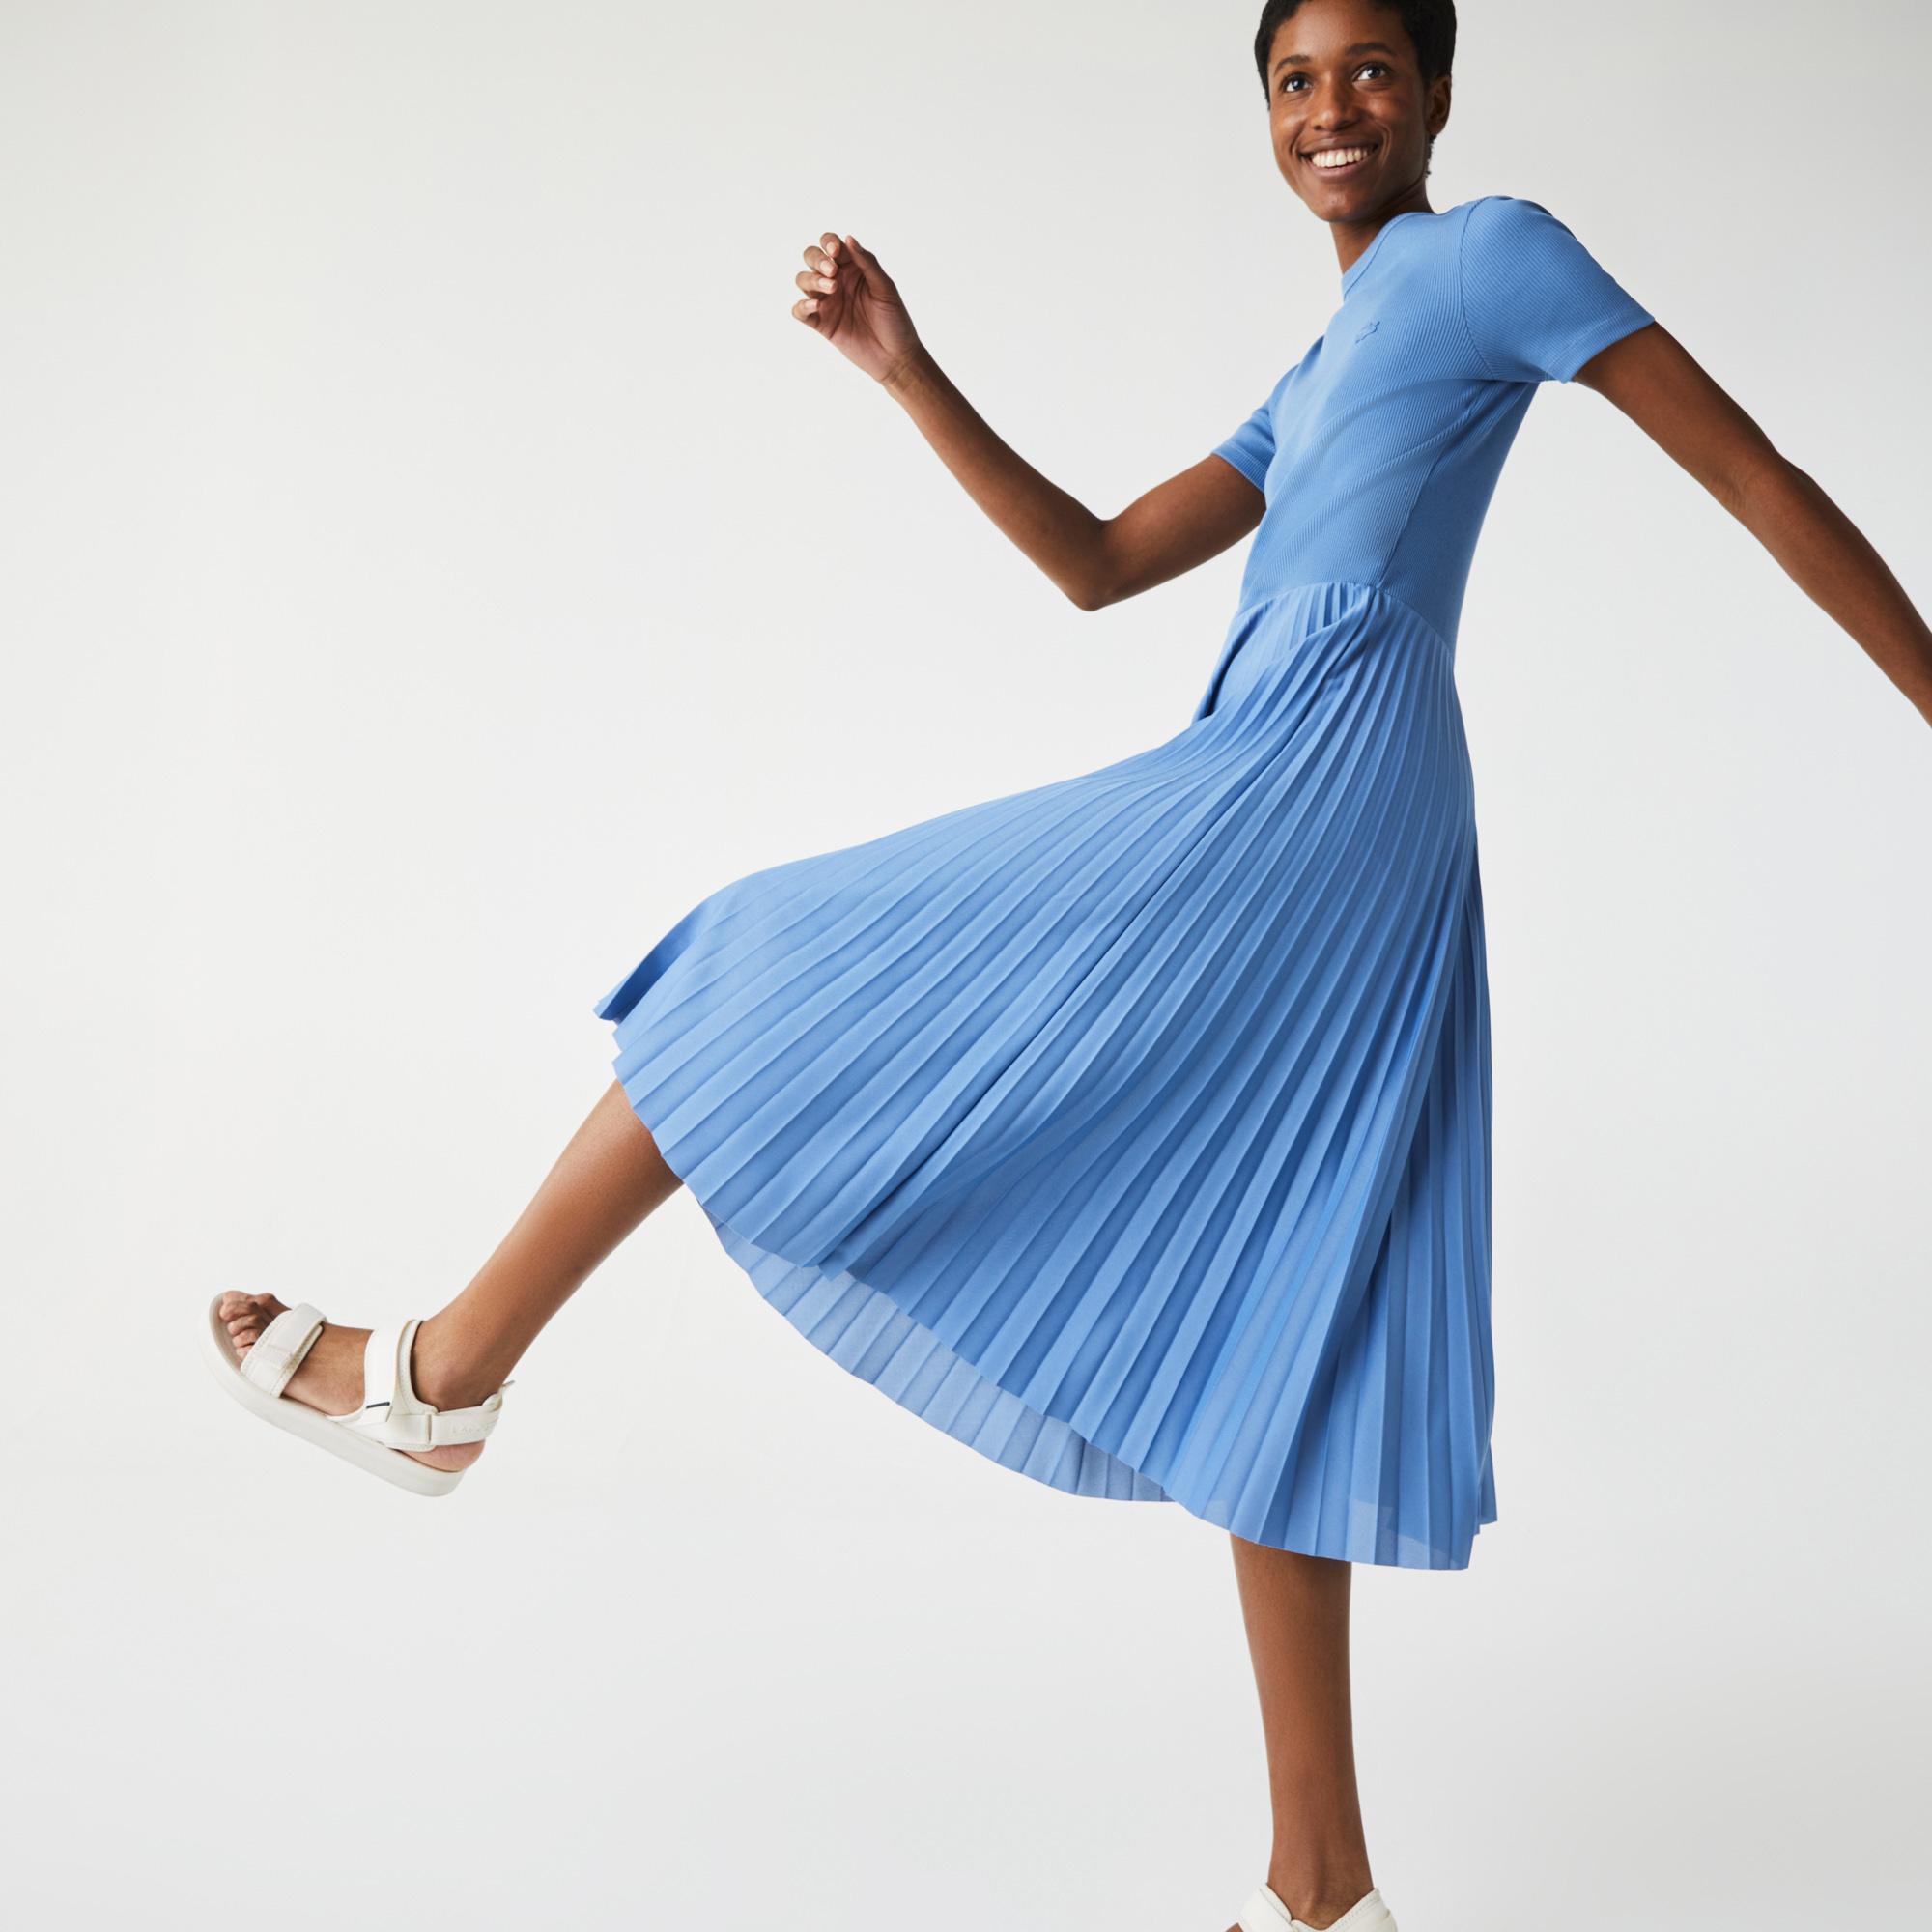 Lacoste Kadın Kısa Kollu Bisiklet Yaka Mavi Elbise